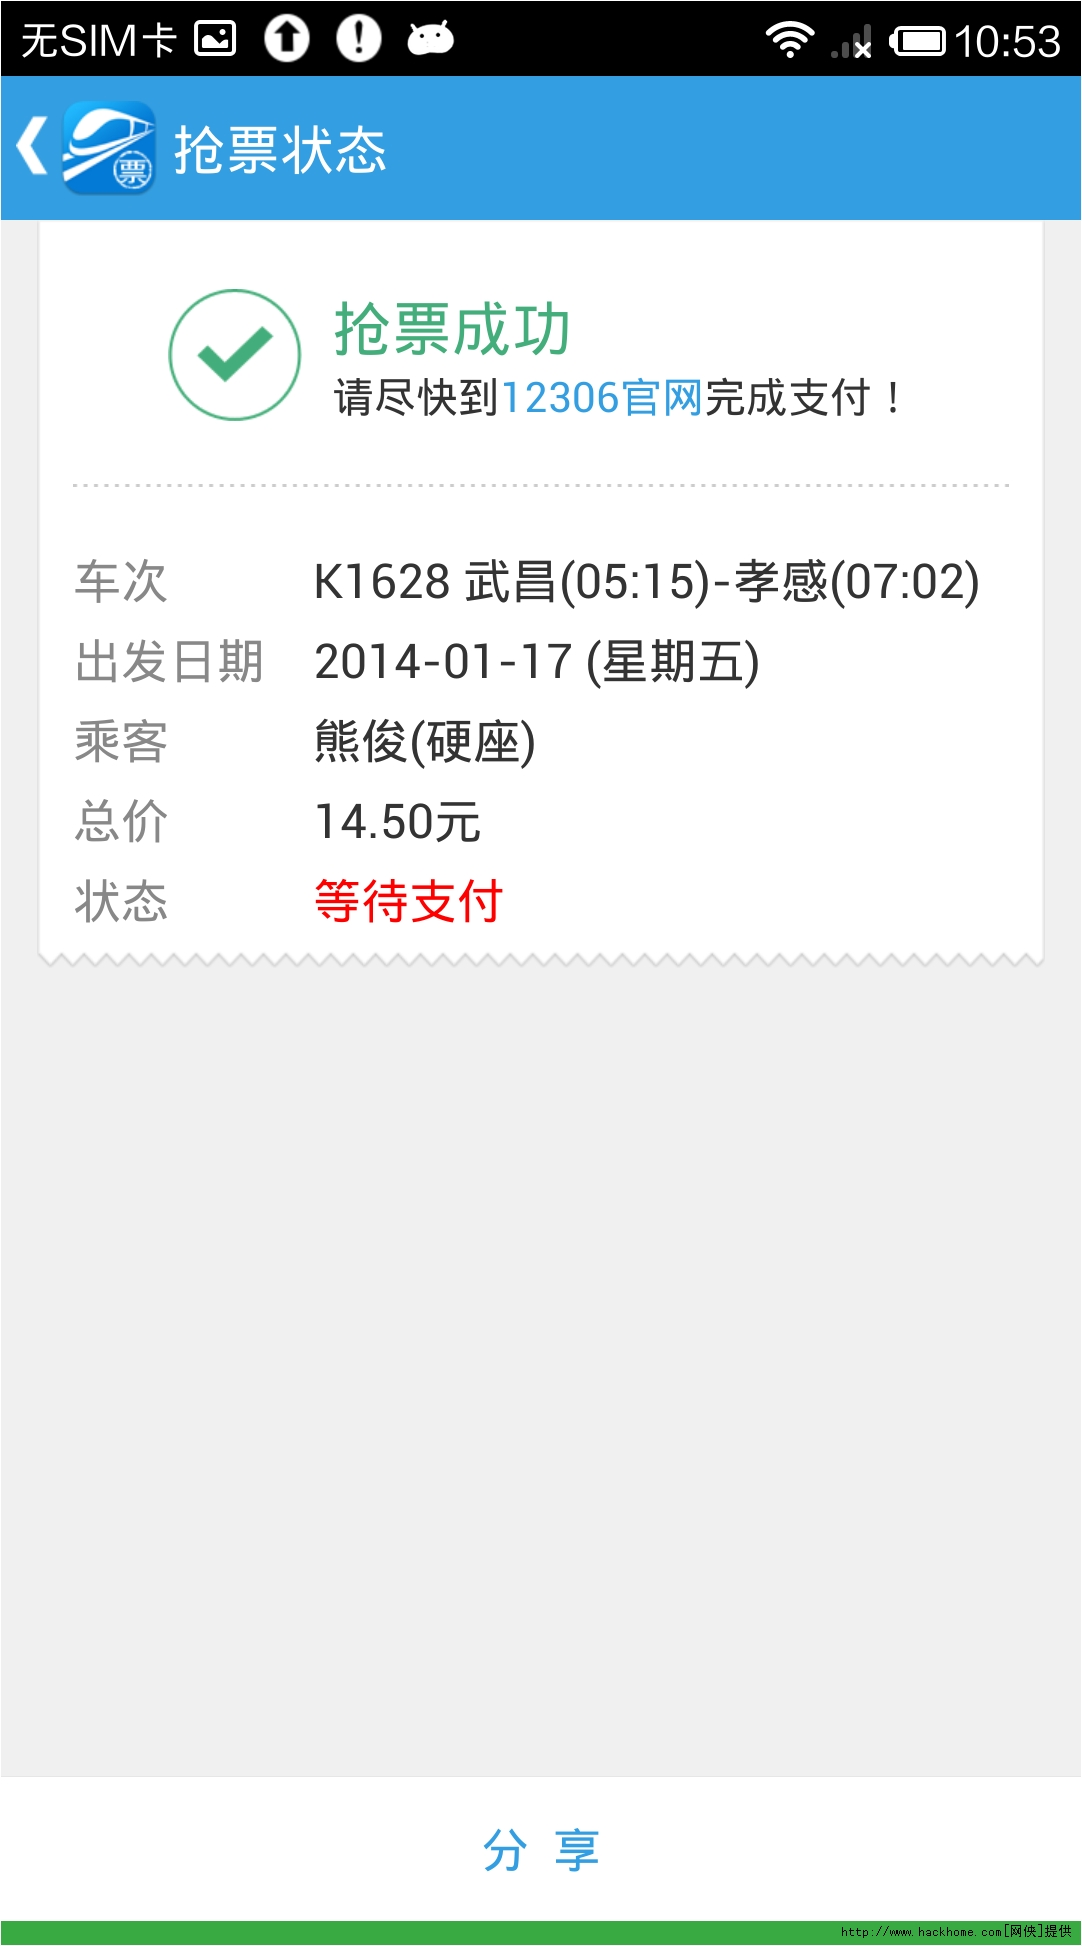 网易火车票客户端安卓版下载_网易火车票客户